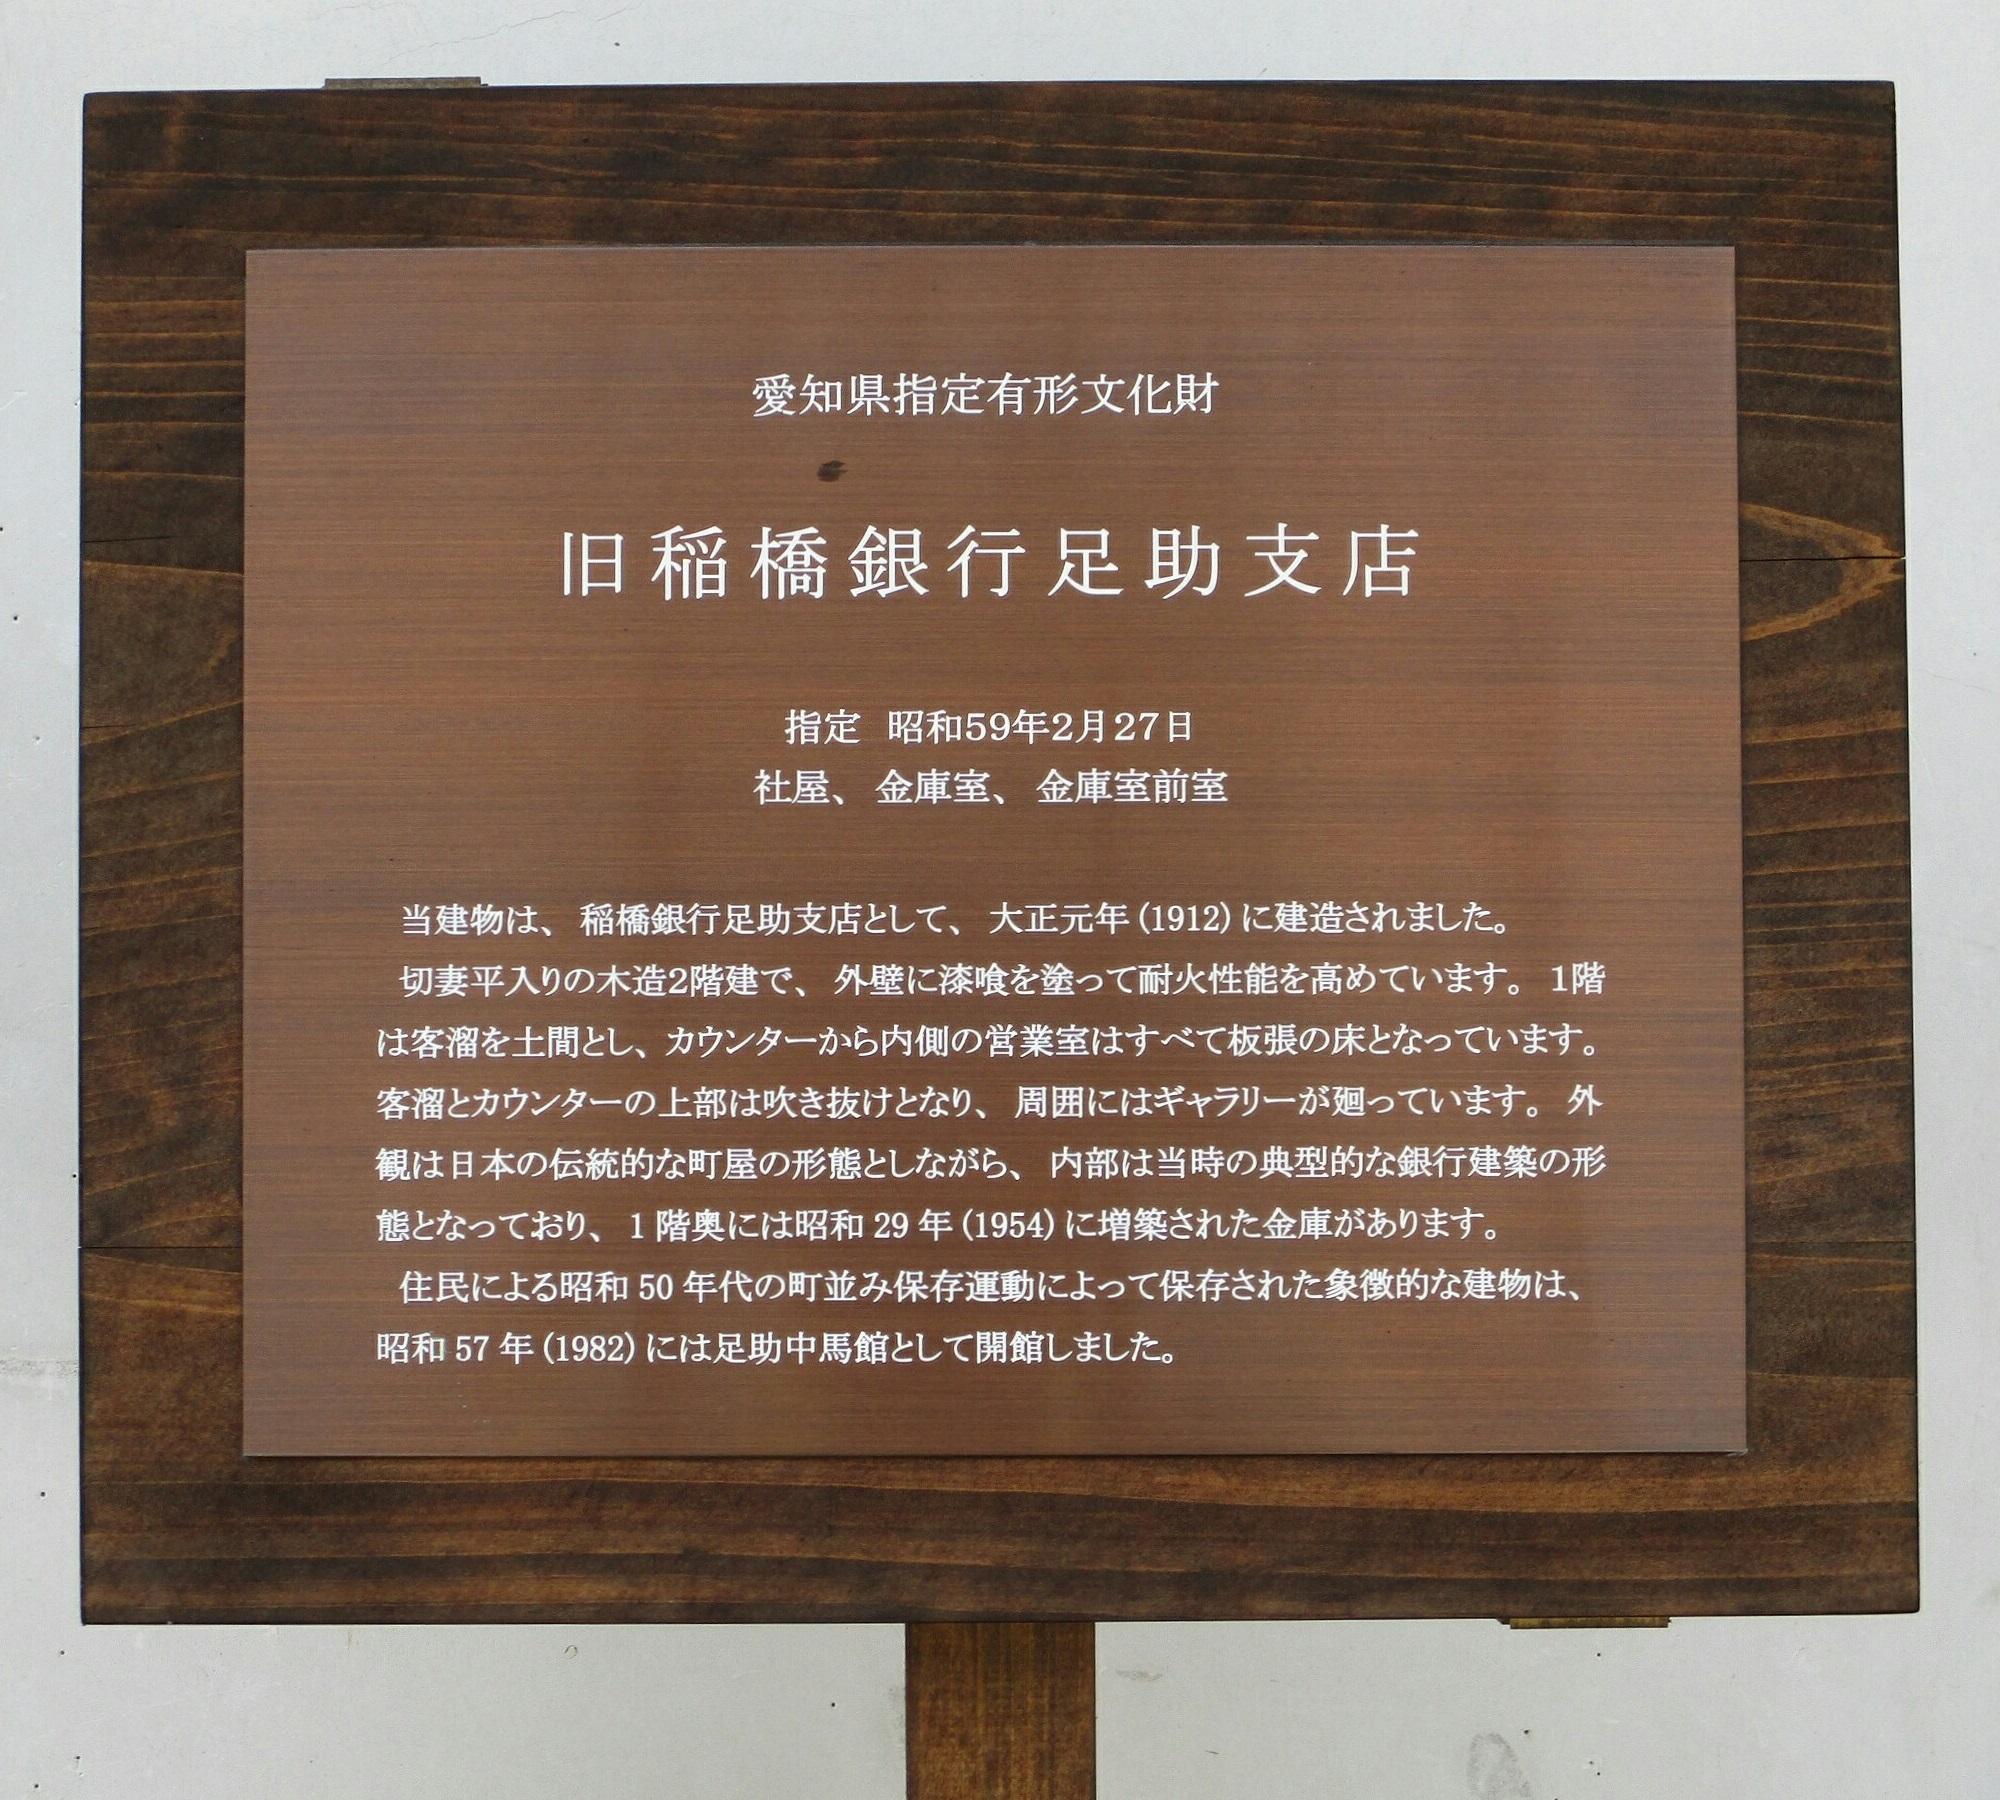 2018.6.22 (84) 中馬館 - 説明がき 2000-1800